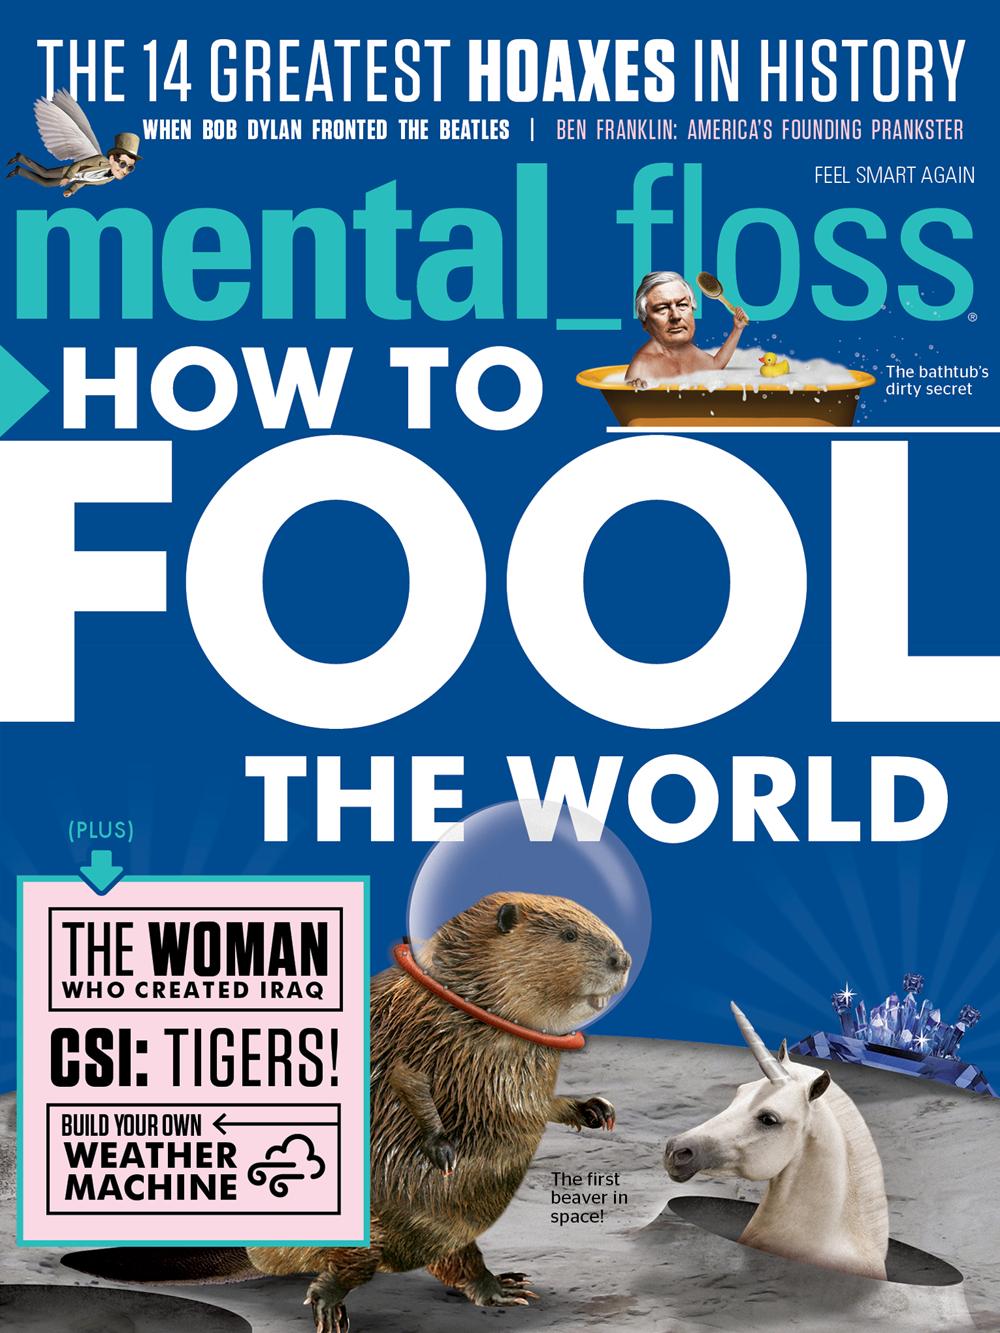 Mental Floss y engañar al mundo | Mentalidad, Estadounidenses